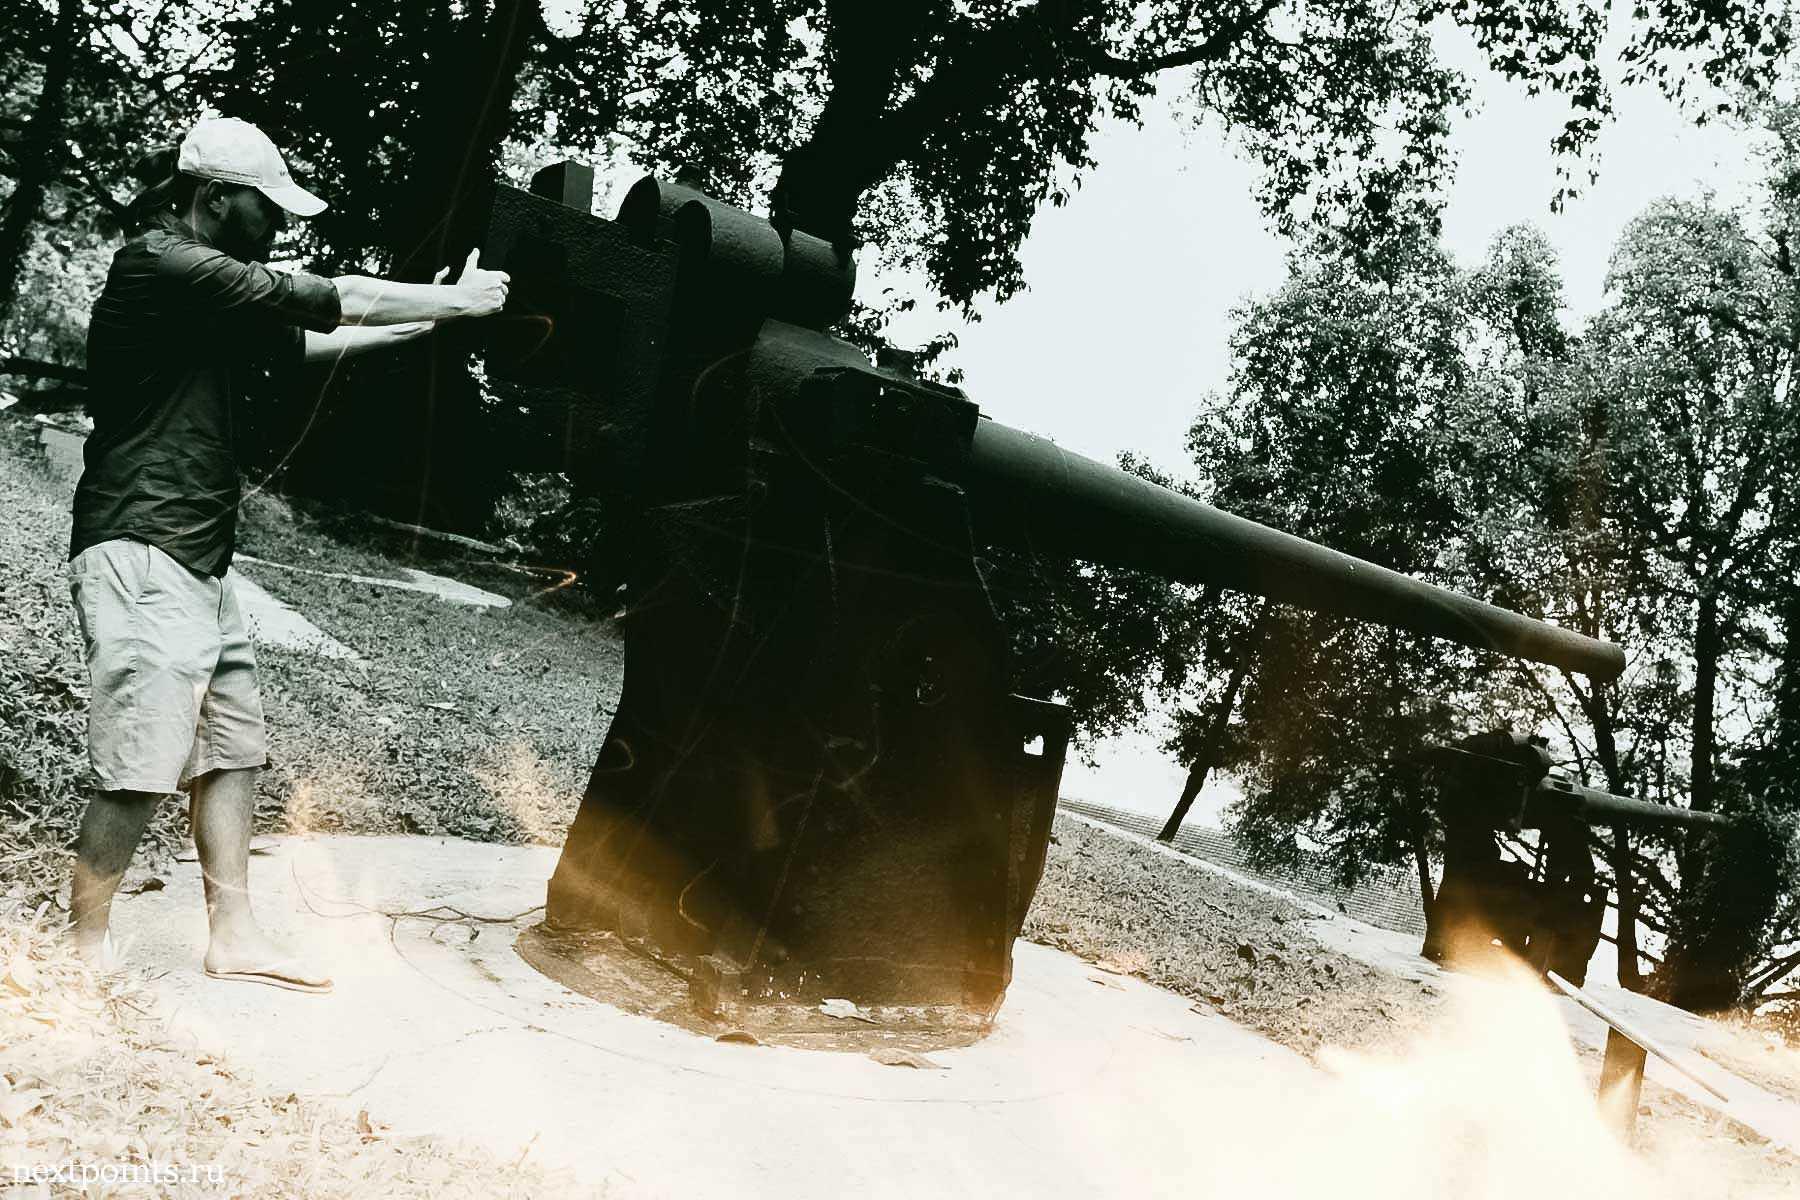 Стрельба из пушки в Форте Силосо (Fort Siloso) на Сентозе (Sentosa)